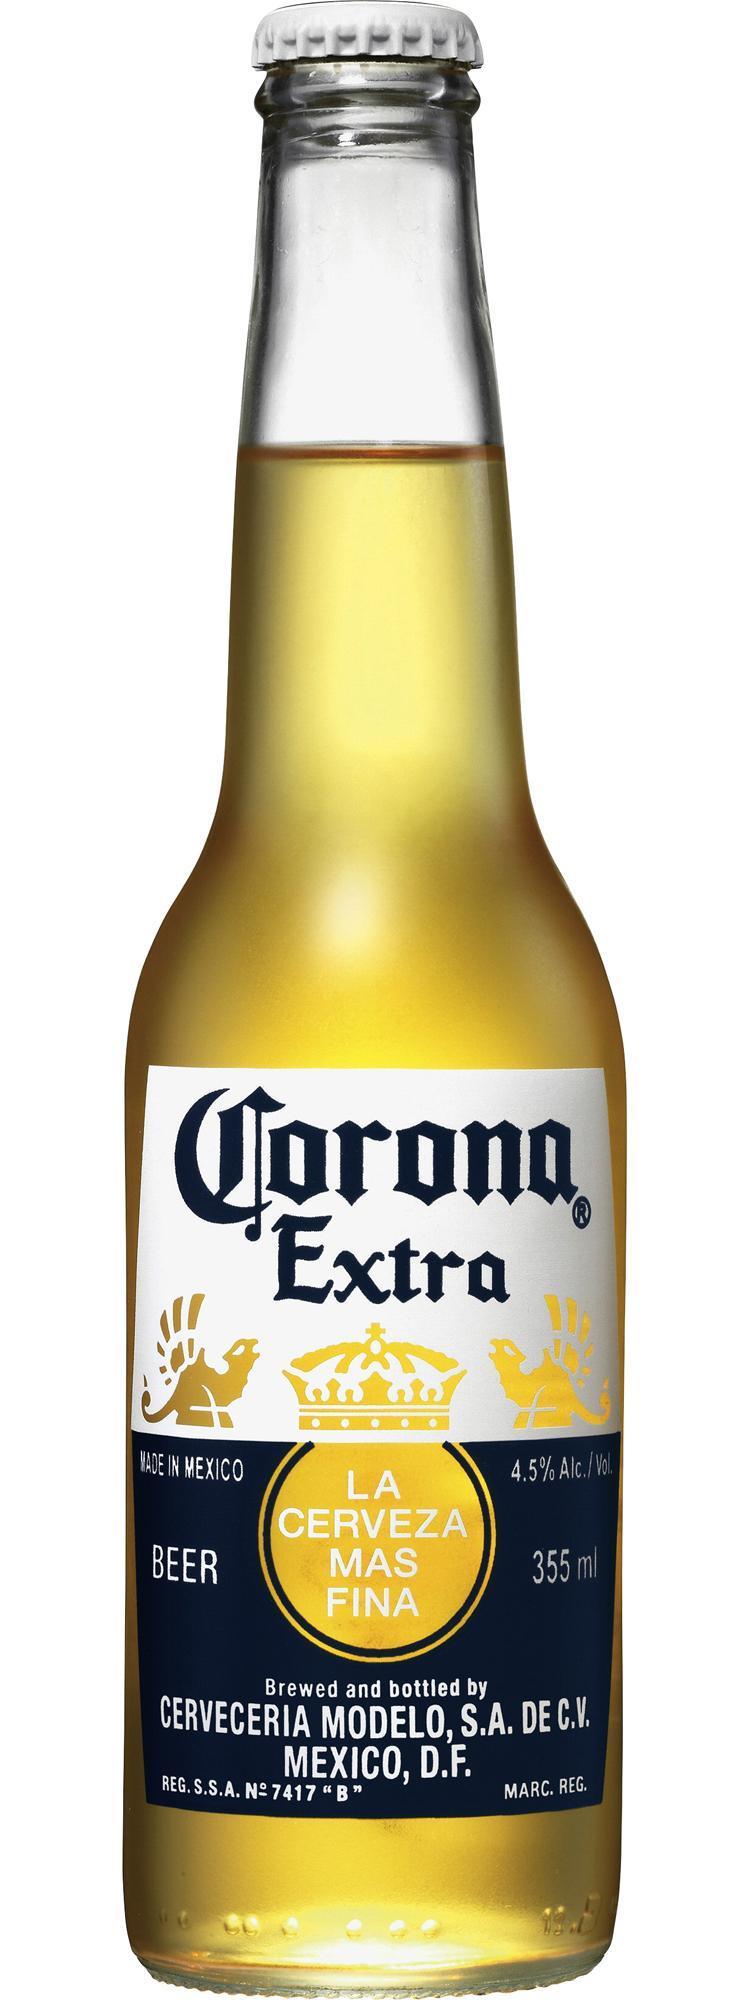 Пивной напиток Corona Extra светлое пастеризованное фильтрованное в стекле 4,5%, 355мл